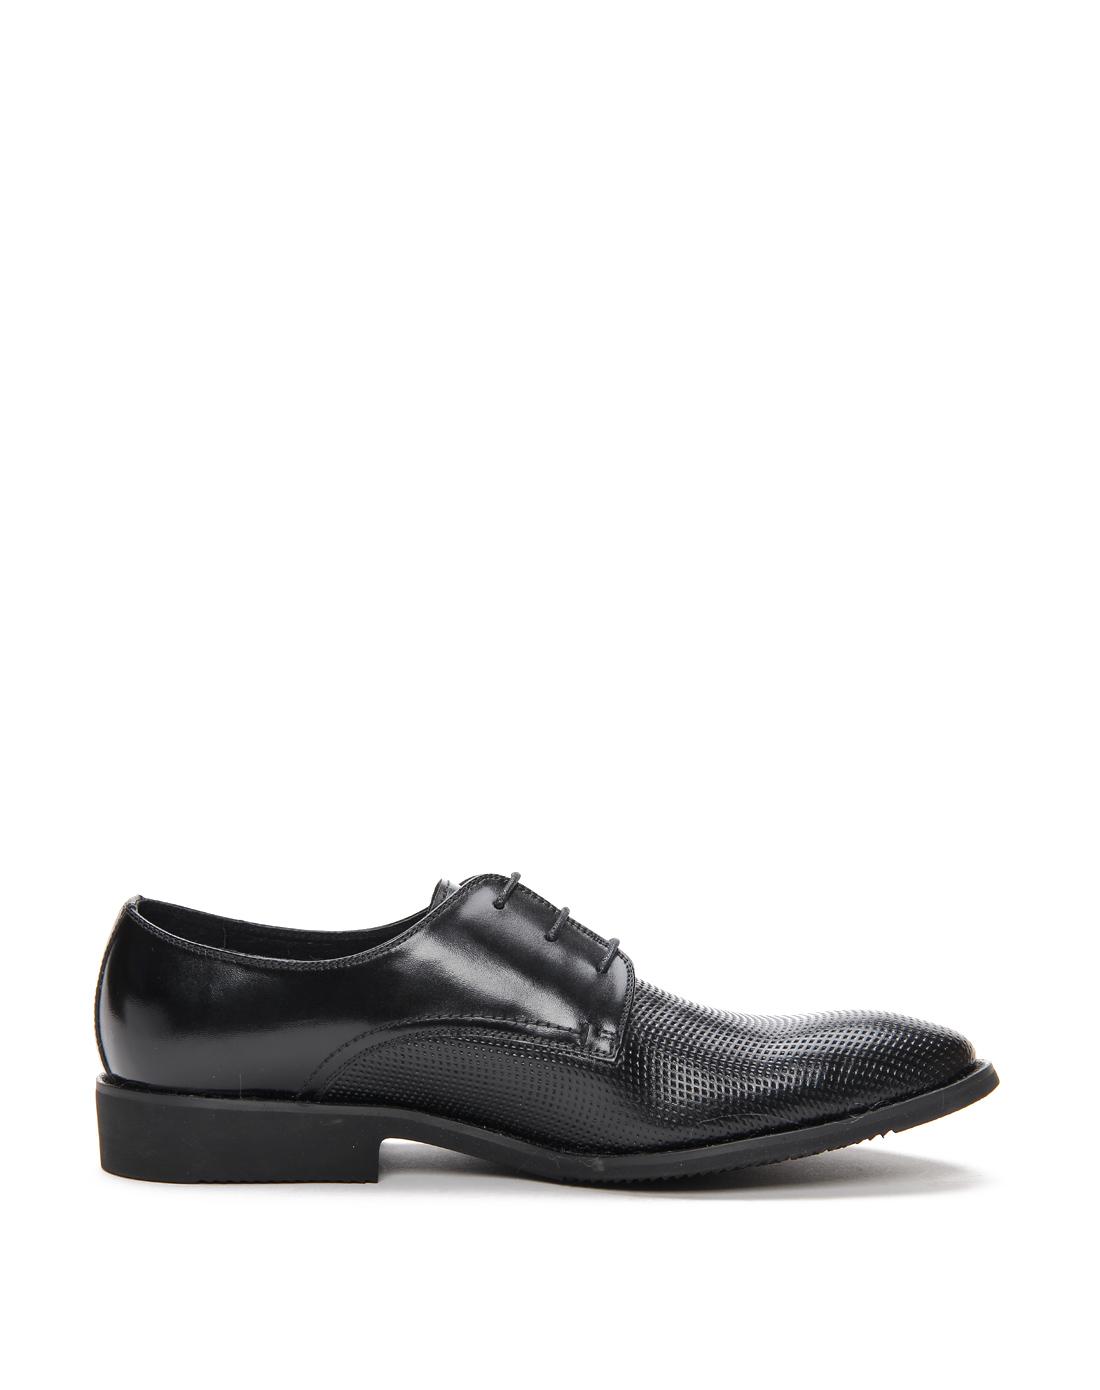 梦特娇montagut黑色正装男鞋a1212130401